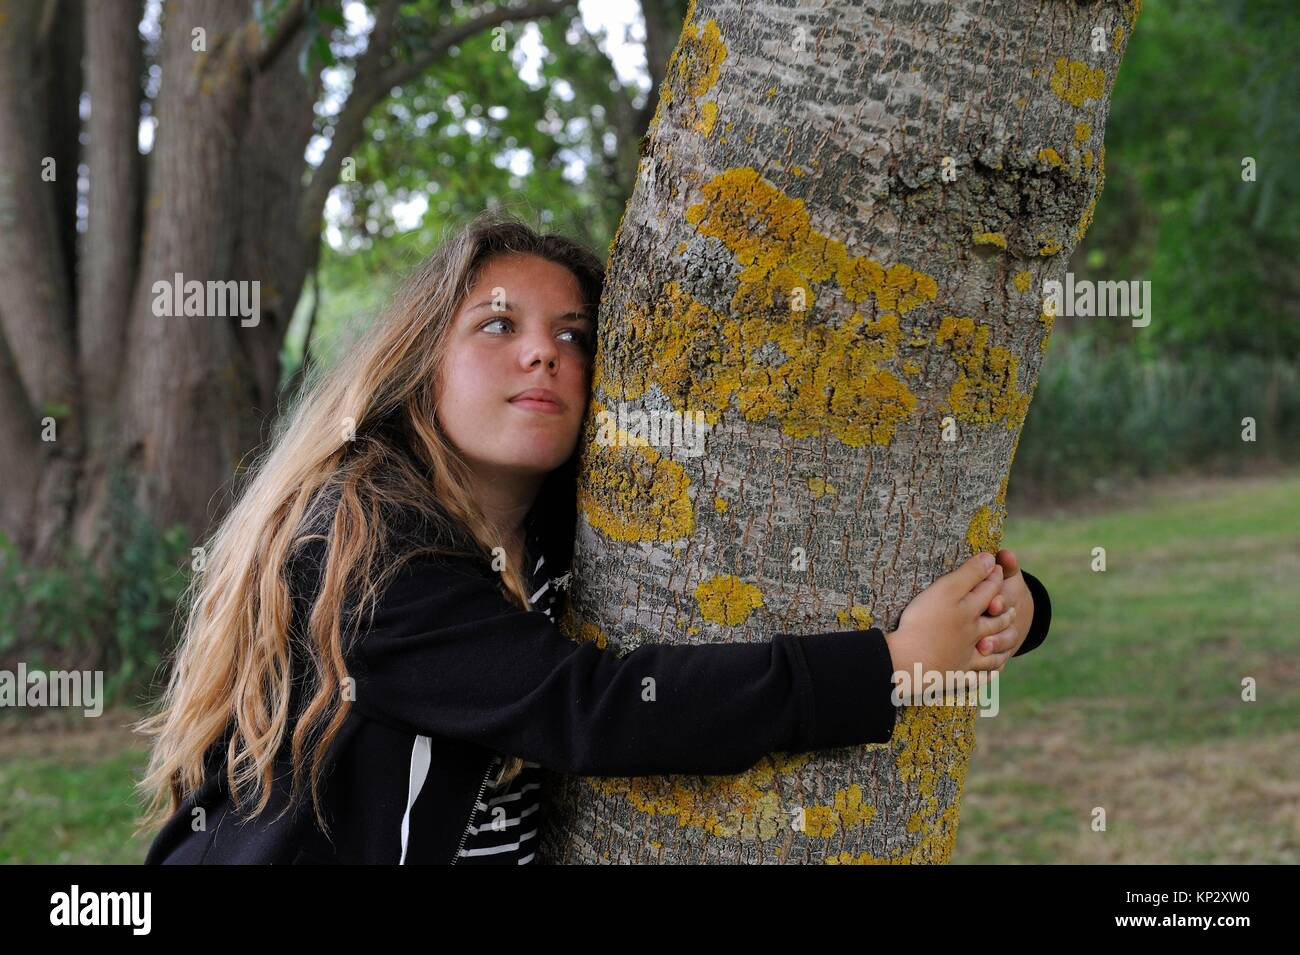 Junge Mädchen, die den Stamm der Esche, Frankreich, Europa. Stockbild